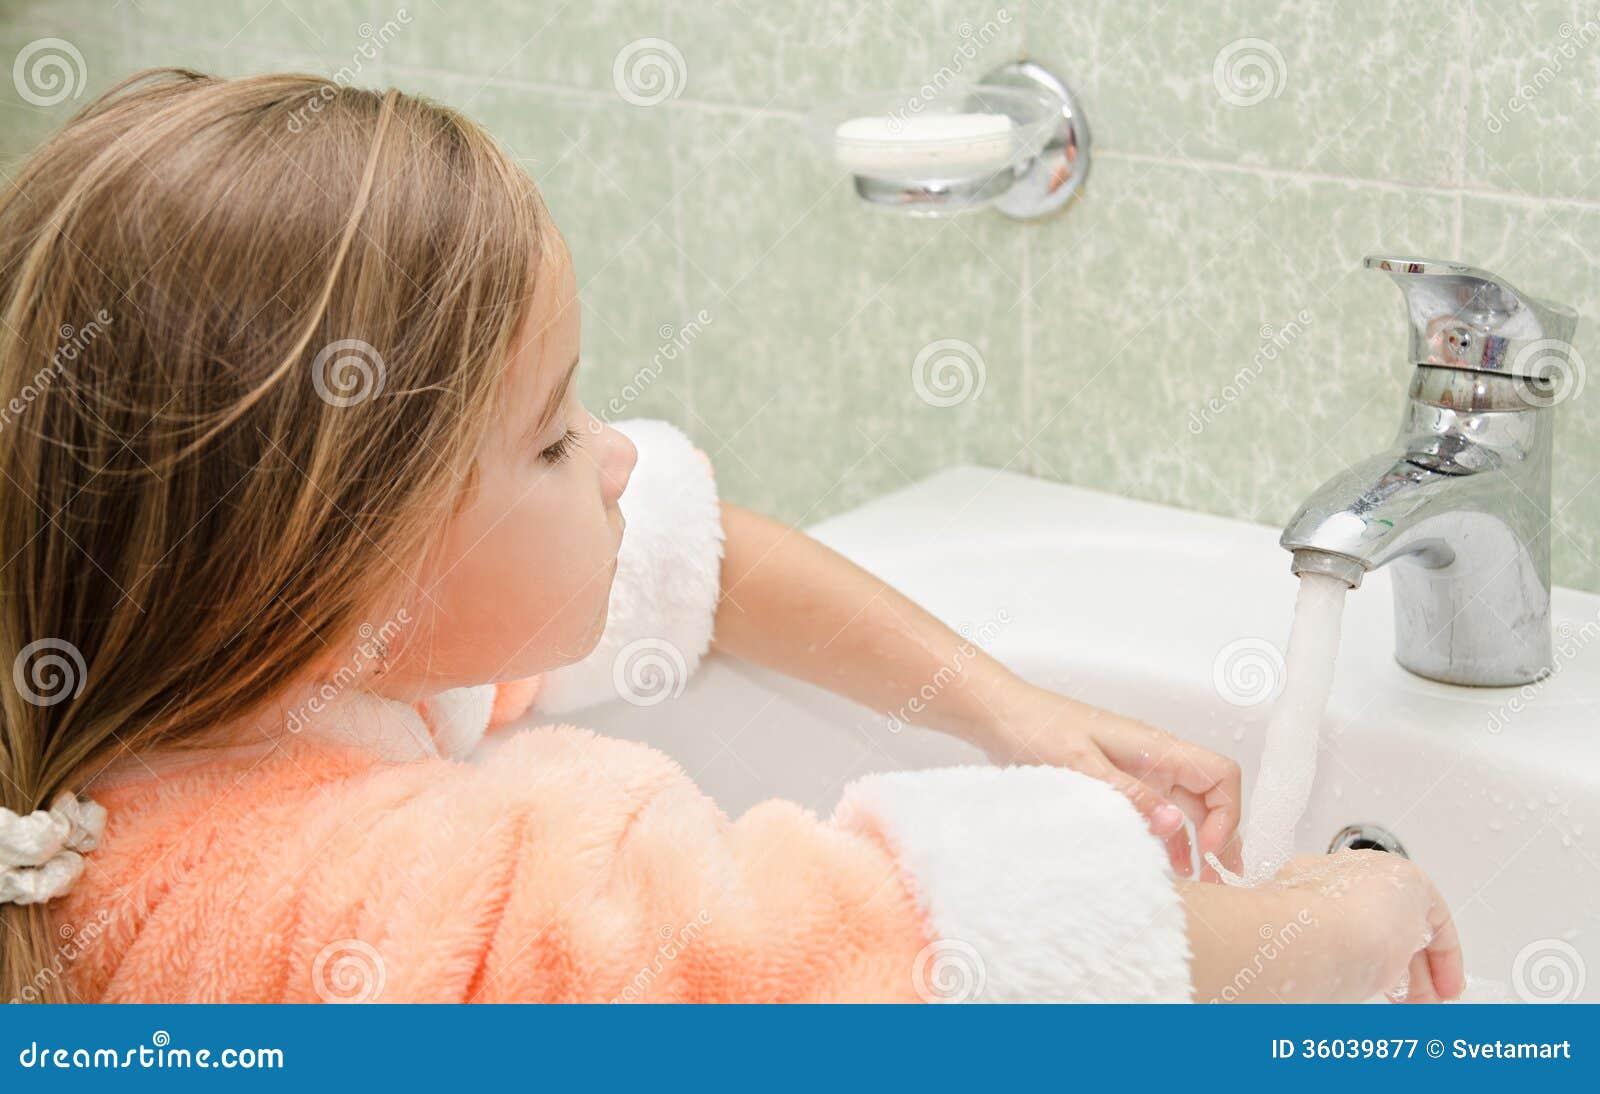 Фото маленька девочка и ее пися, Девочка созрела? Самые скандальные фотосессии юных 33 фотография